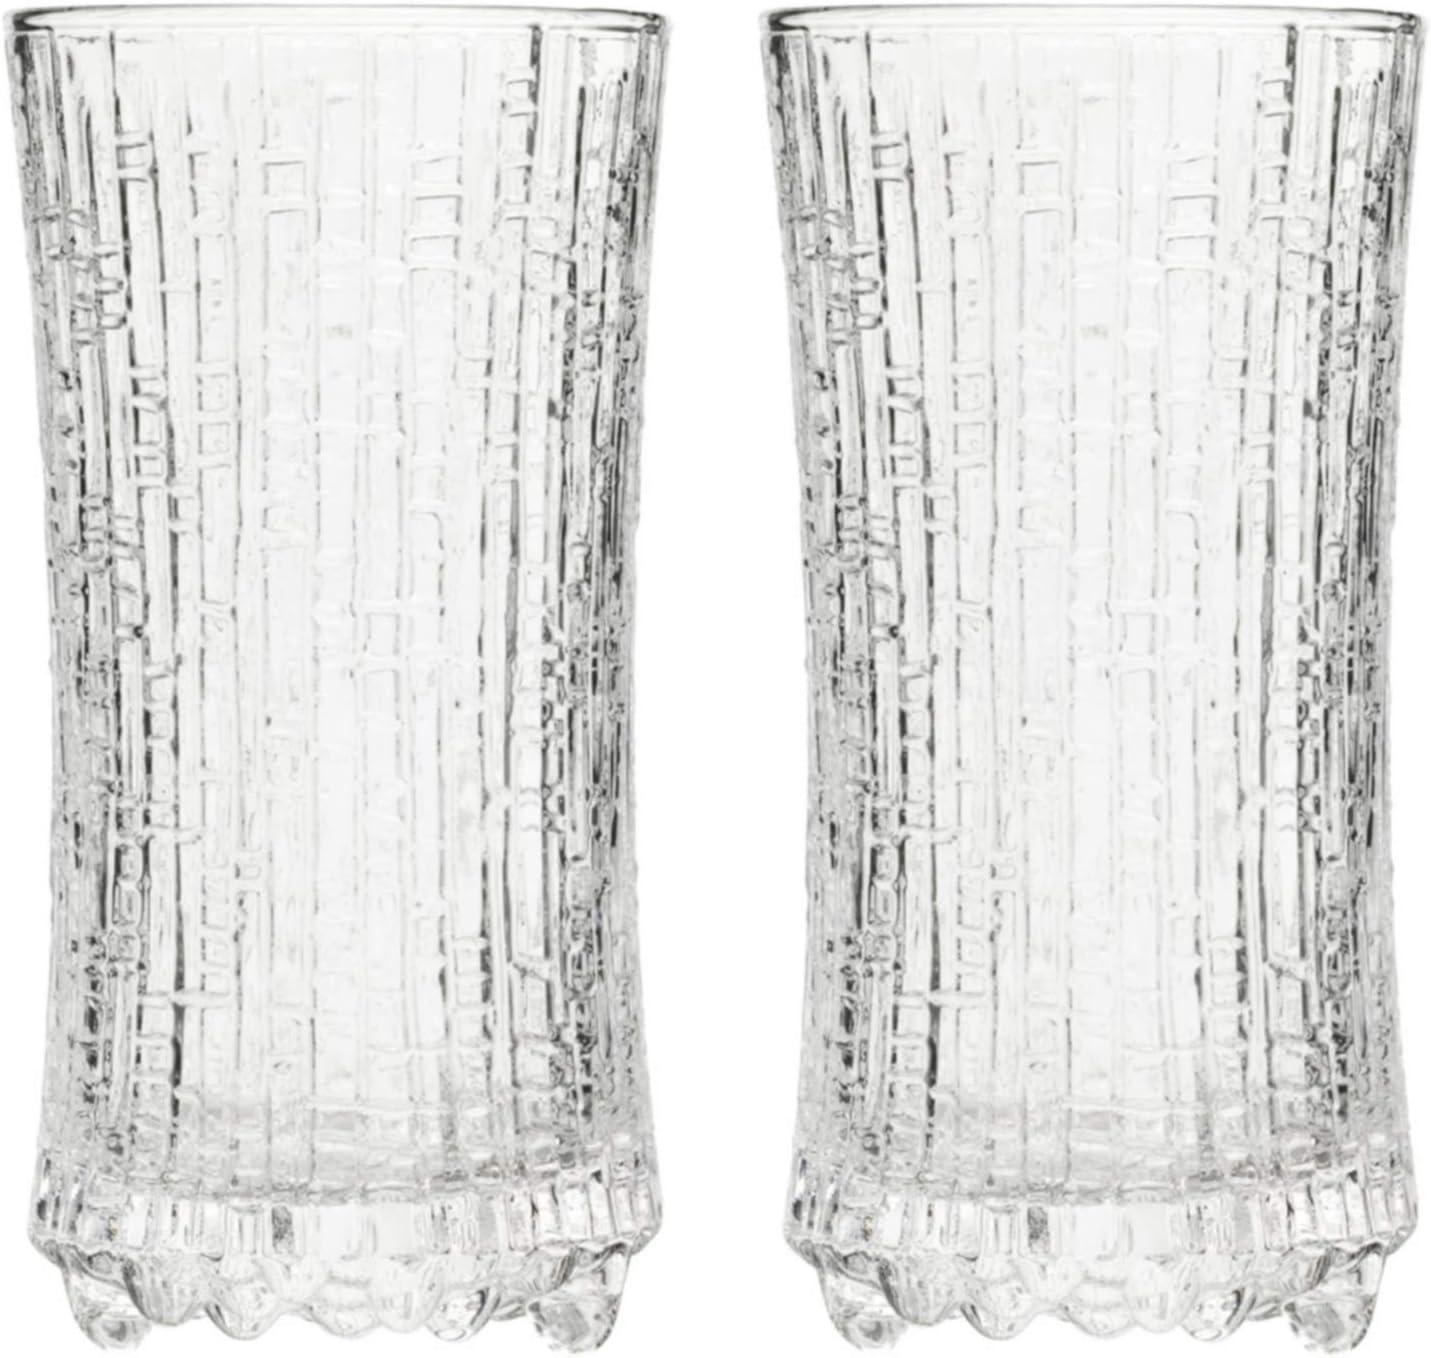 Set of 2 Iittala Ultima Thule Highball Glasses